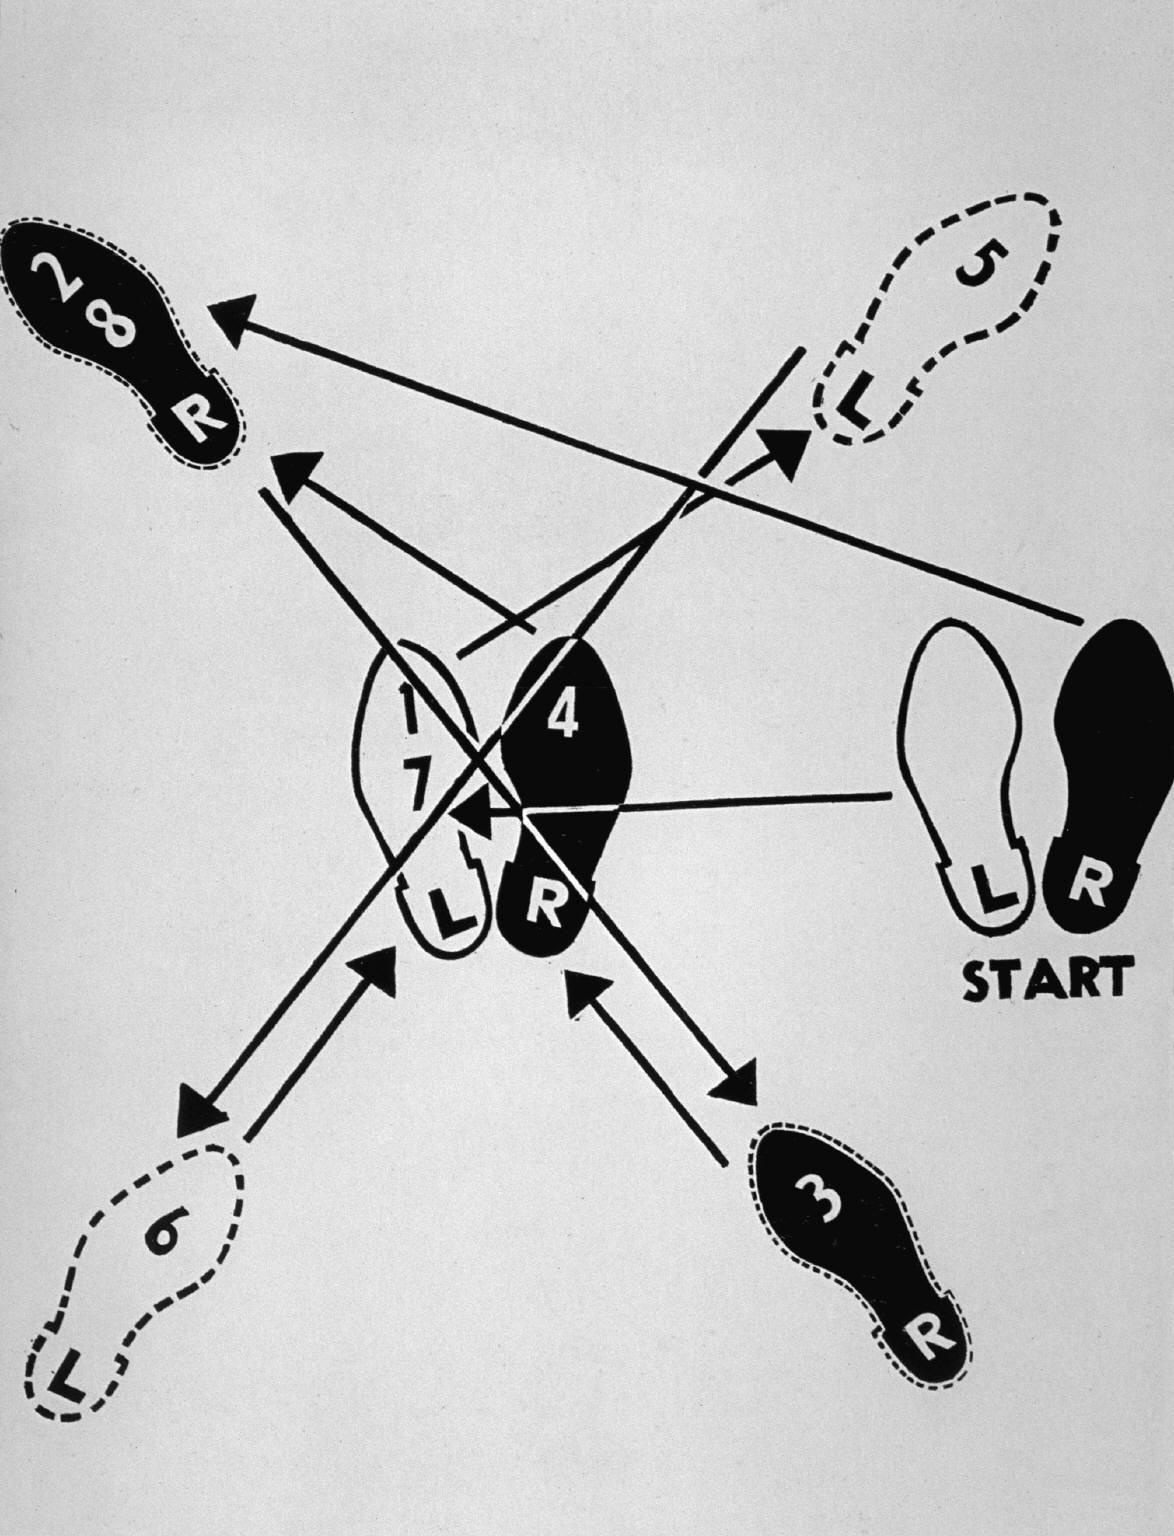 dance diagram andy warhol dance diagram for the charleston andy warhol dance poster  dance diagram for the charleston andy